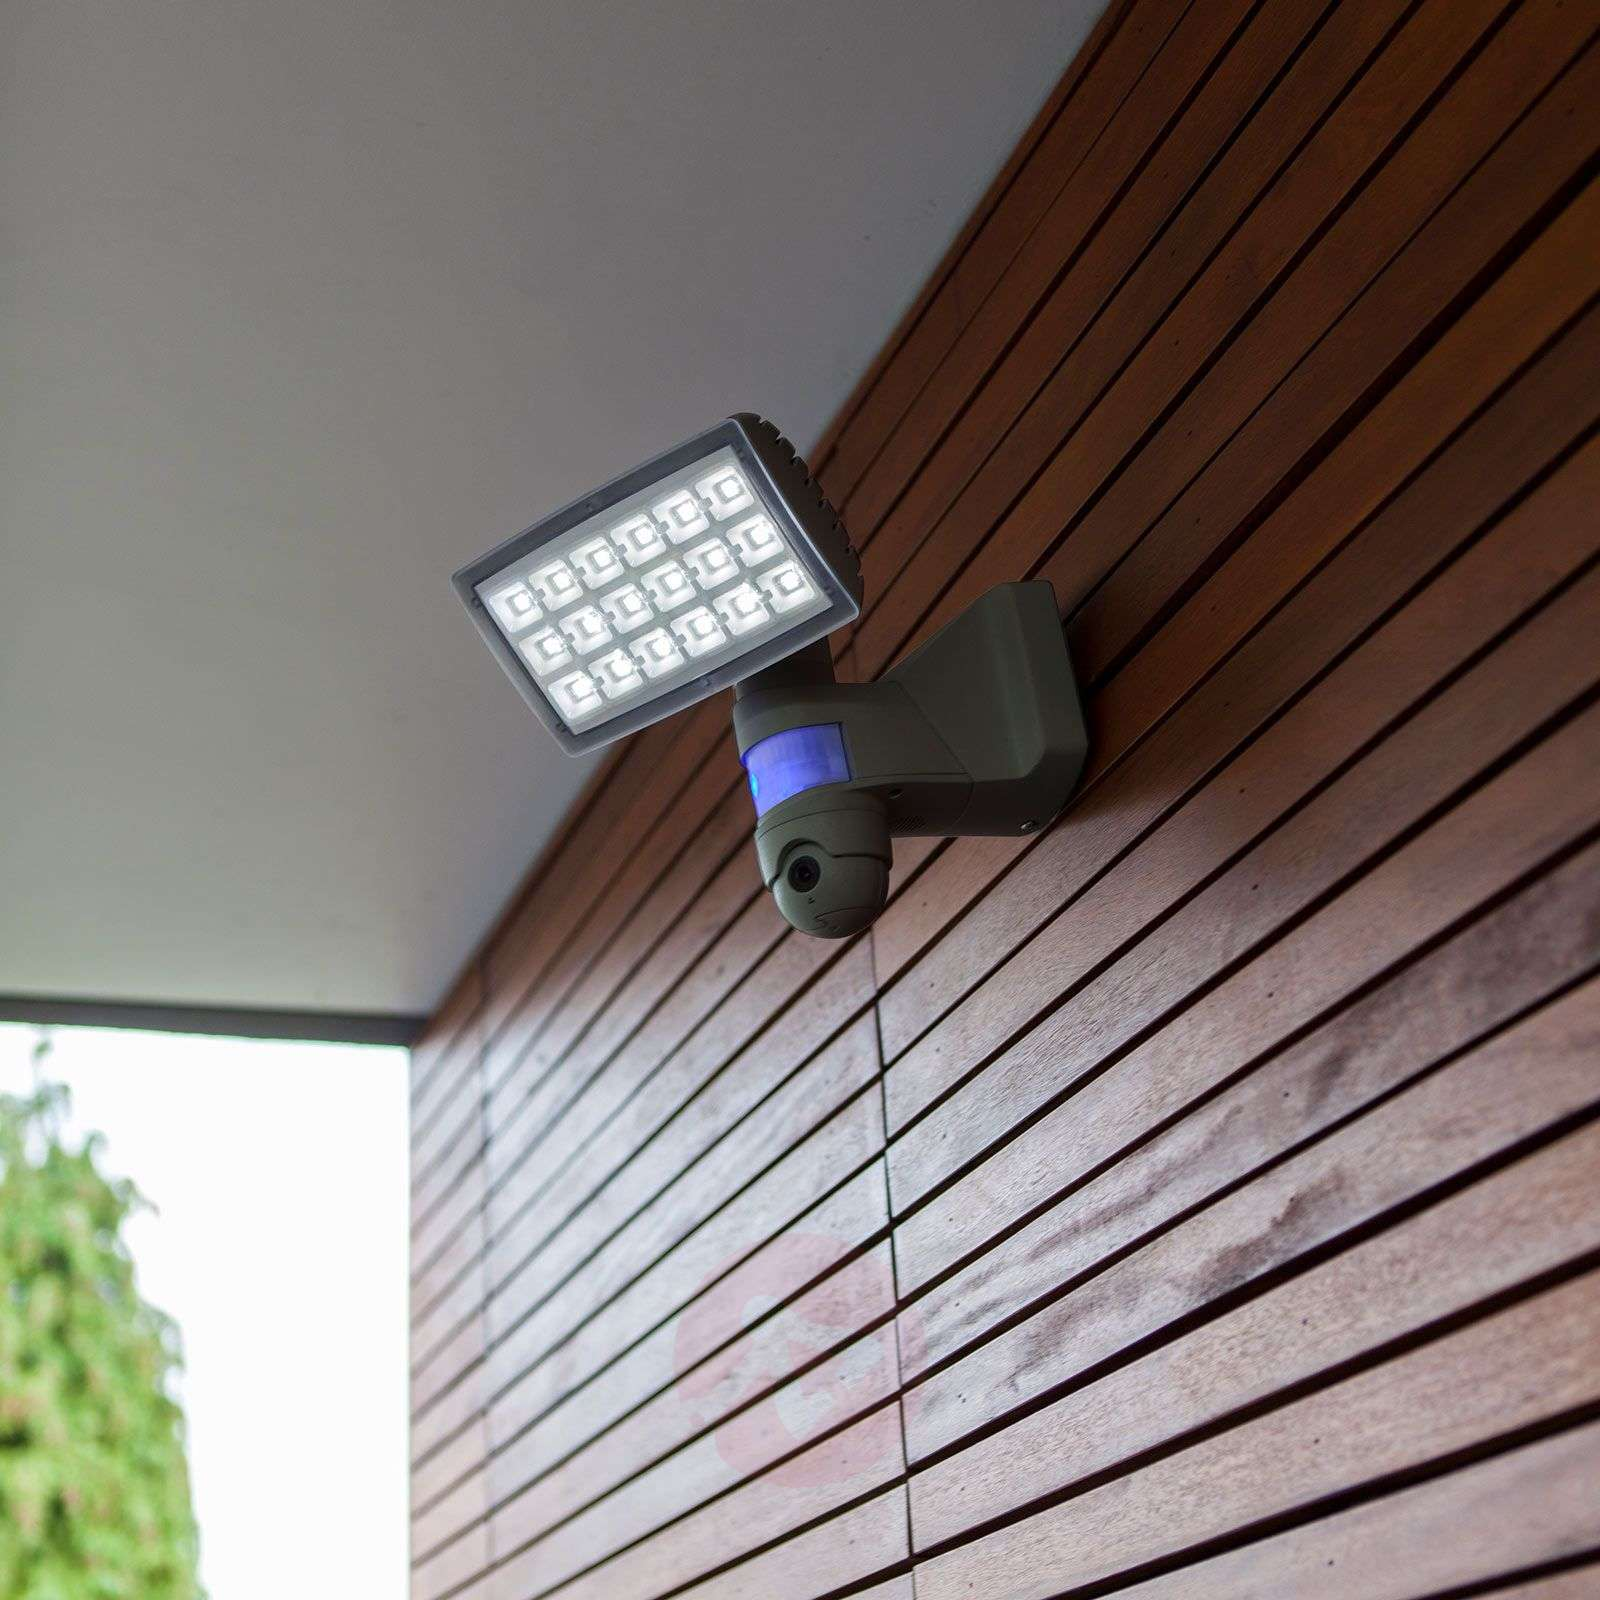 Peri Cam LED outdoor spotlight with camera/sensor-3006508-01